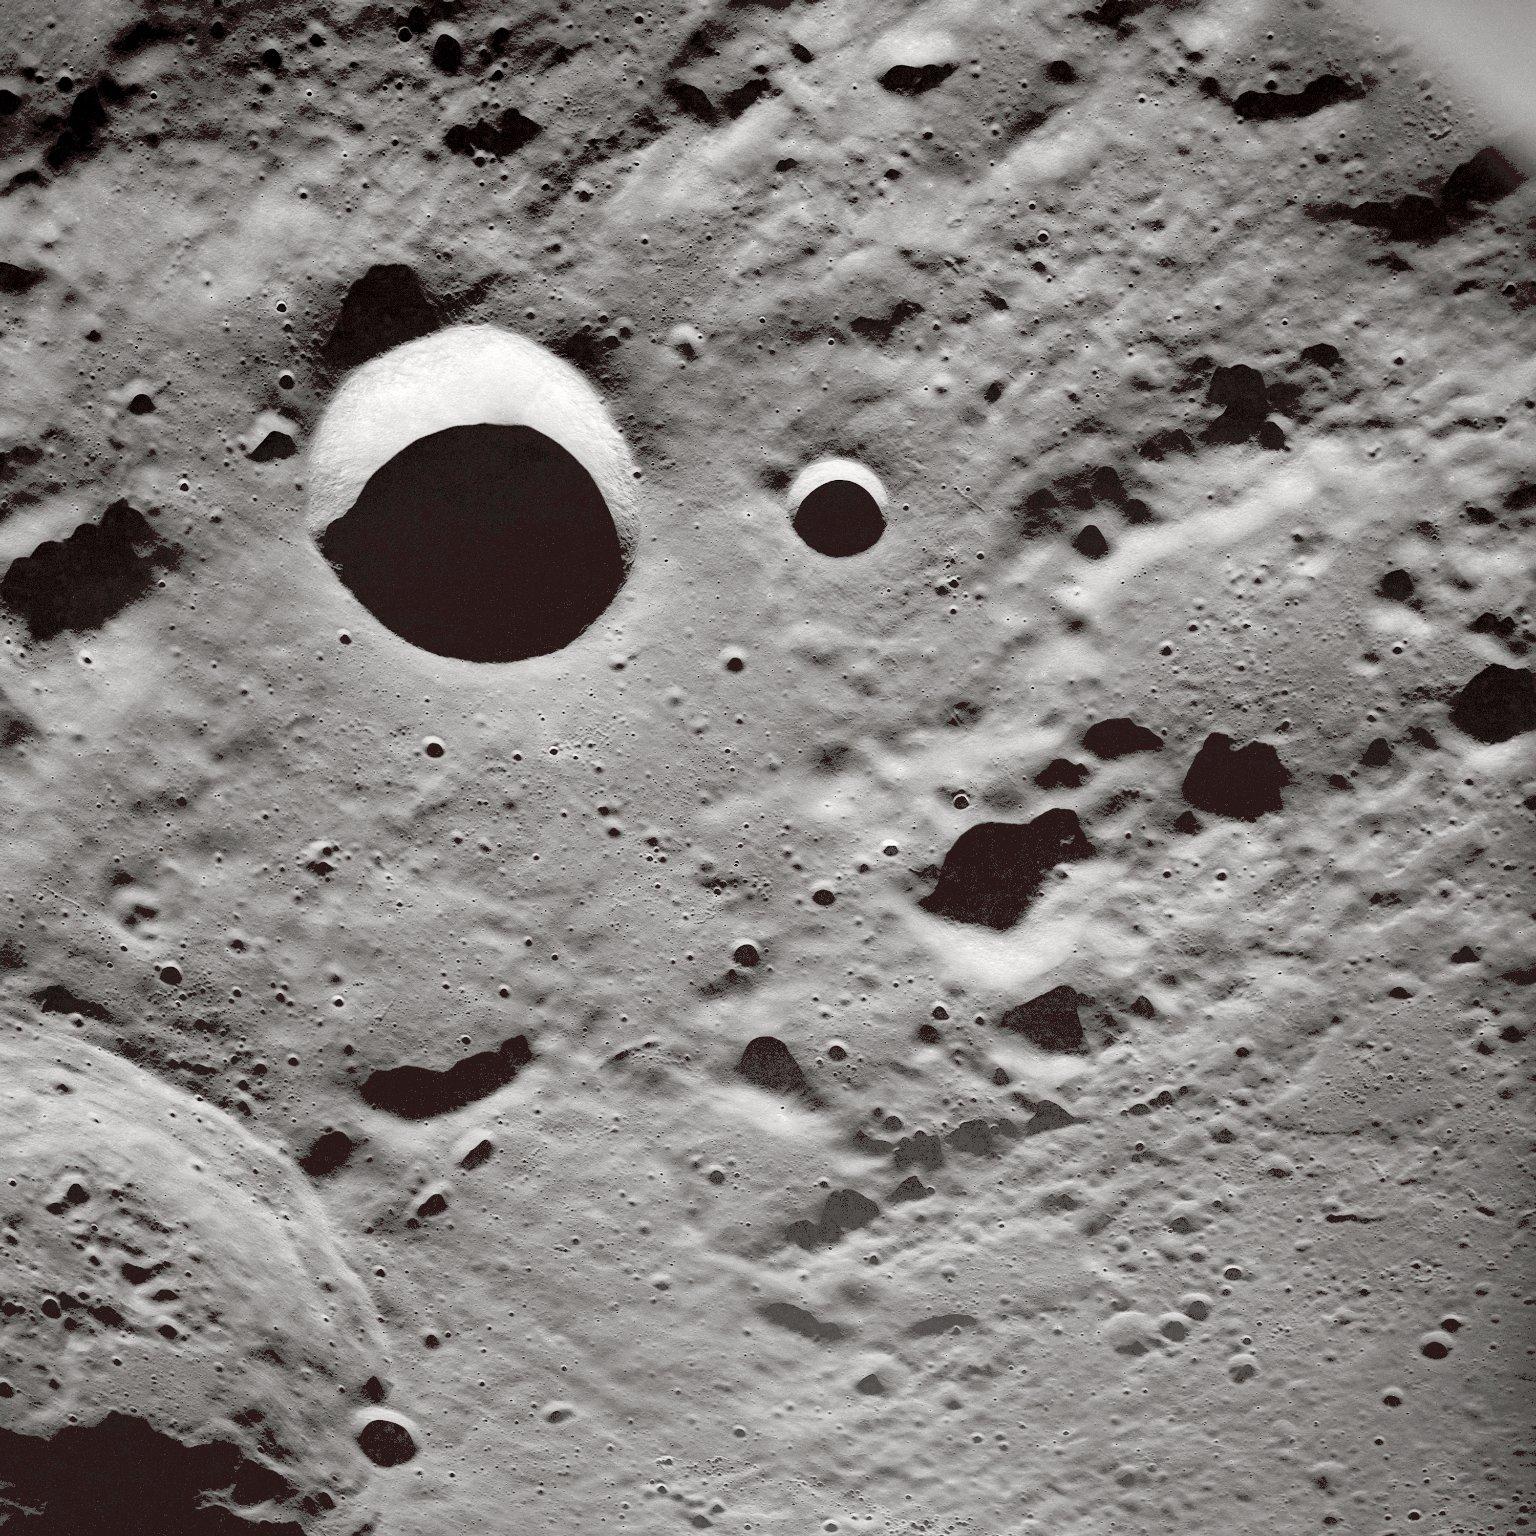 Long Shadows on the Lunar Surface : NASA/Apollo : Free ...